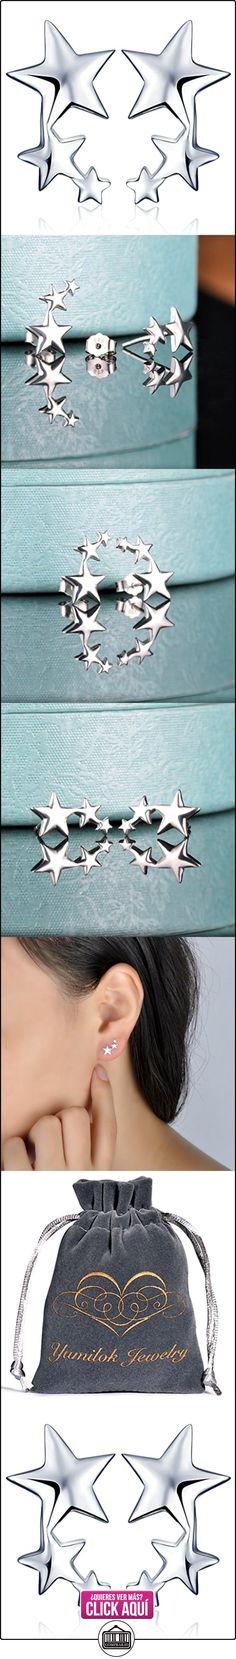 Yumi Lok 925plata de ley circonitas estrellas abrazadera Pendientes Pendientes hipoalergénico Pendientes Joyas Ear Puños para mujer mujeres niña  ✿ Joyas para mujer - Las mejores ofertas ✿ ▬► Ver oferta: https://comprar.io/goto/B01LY2DHC6